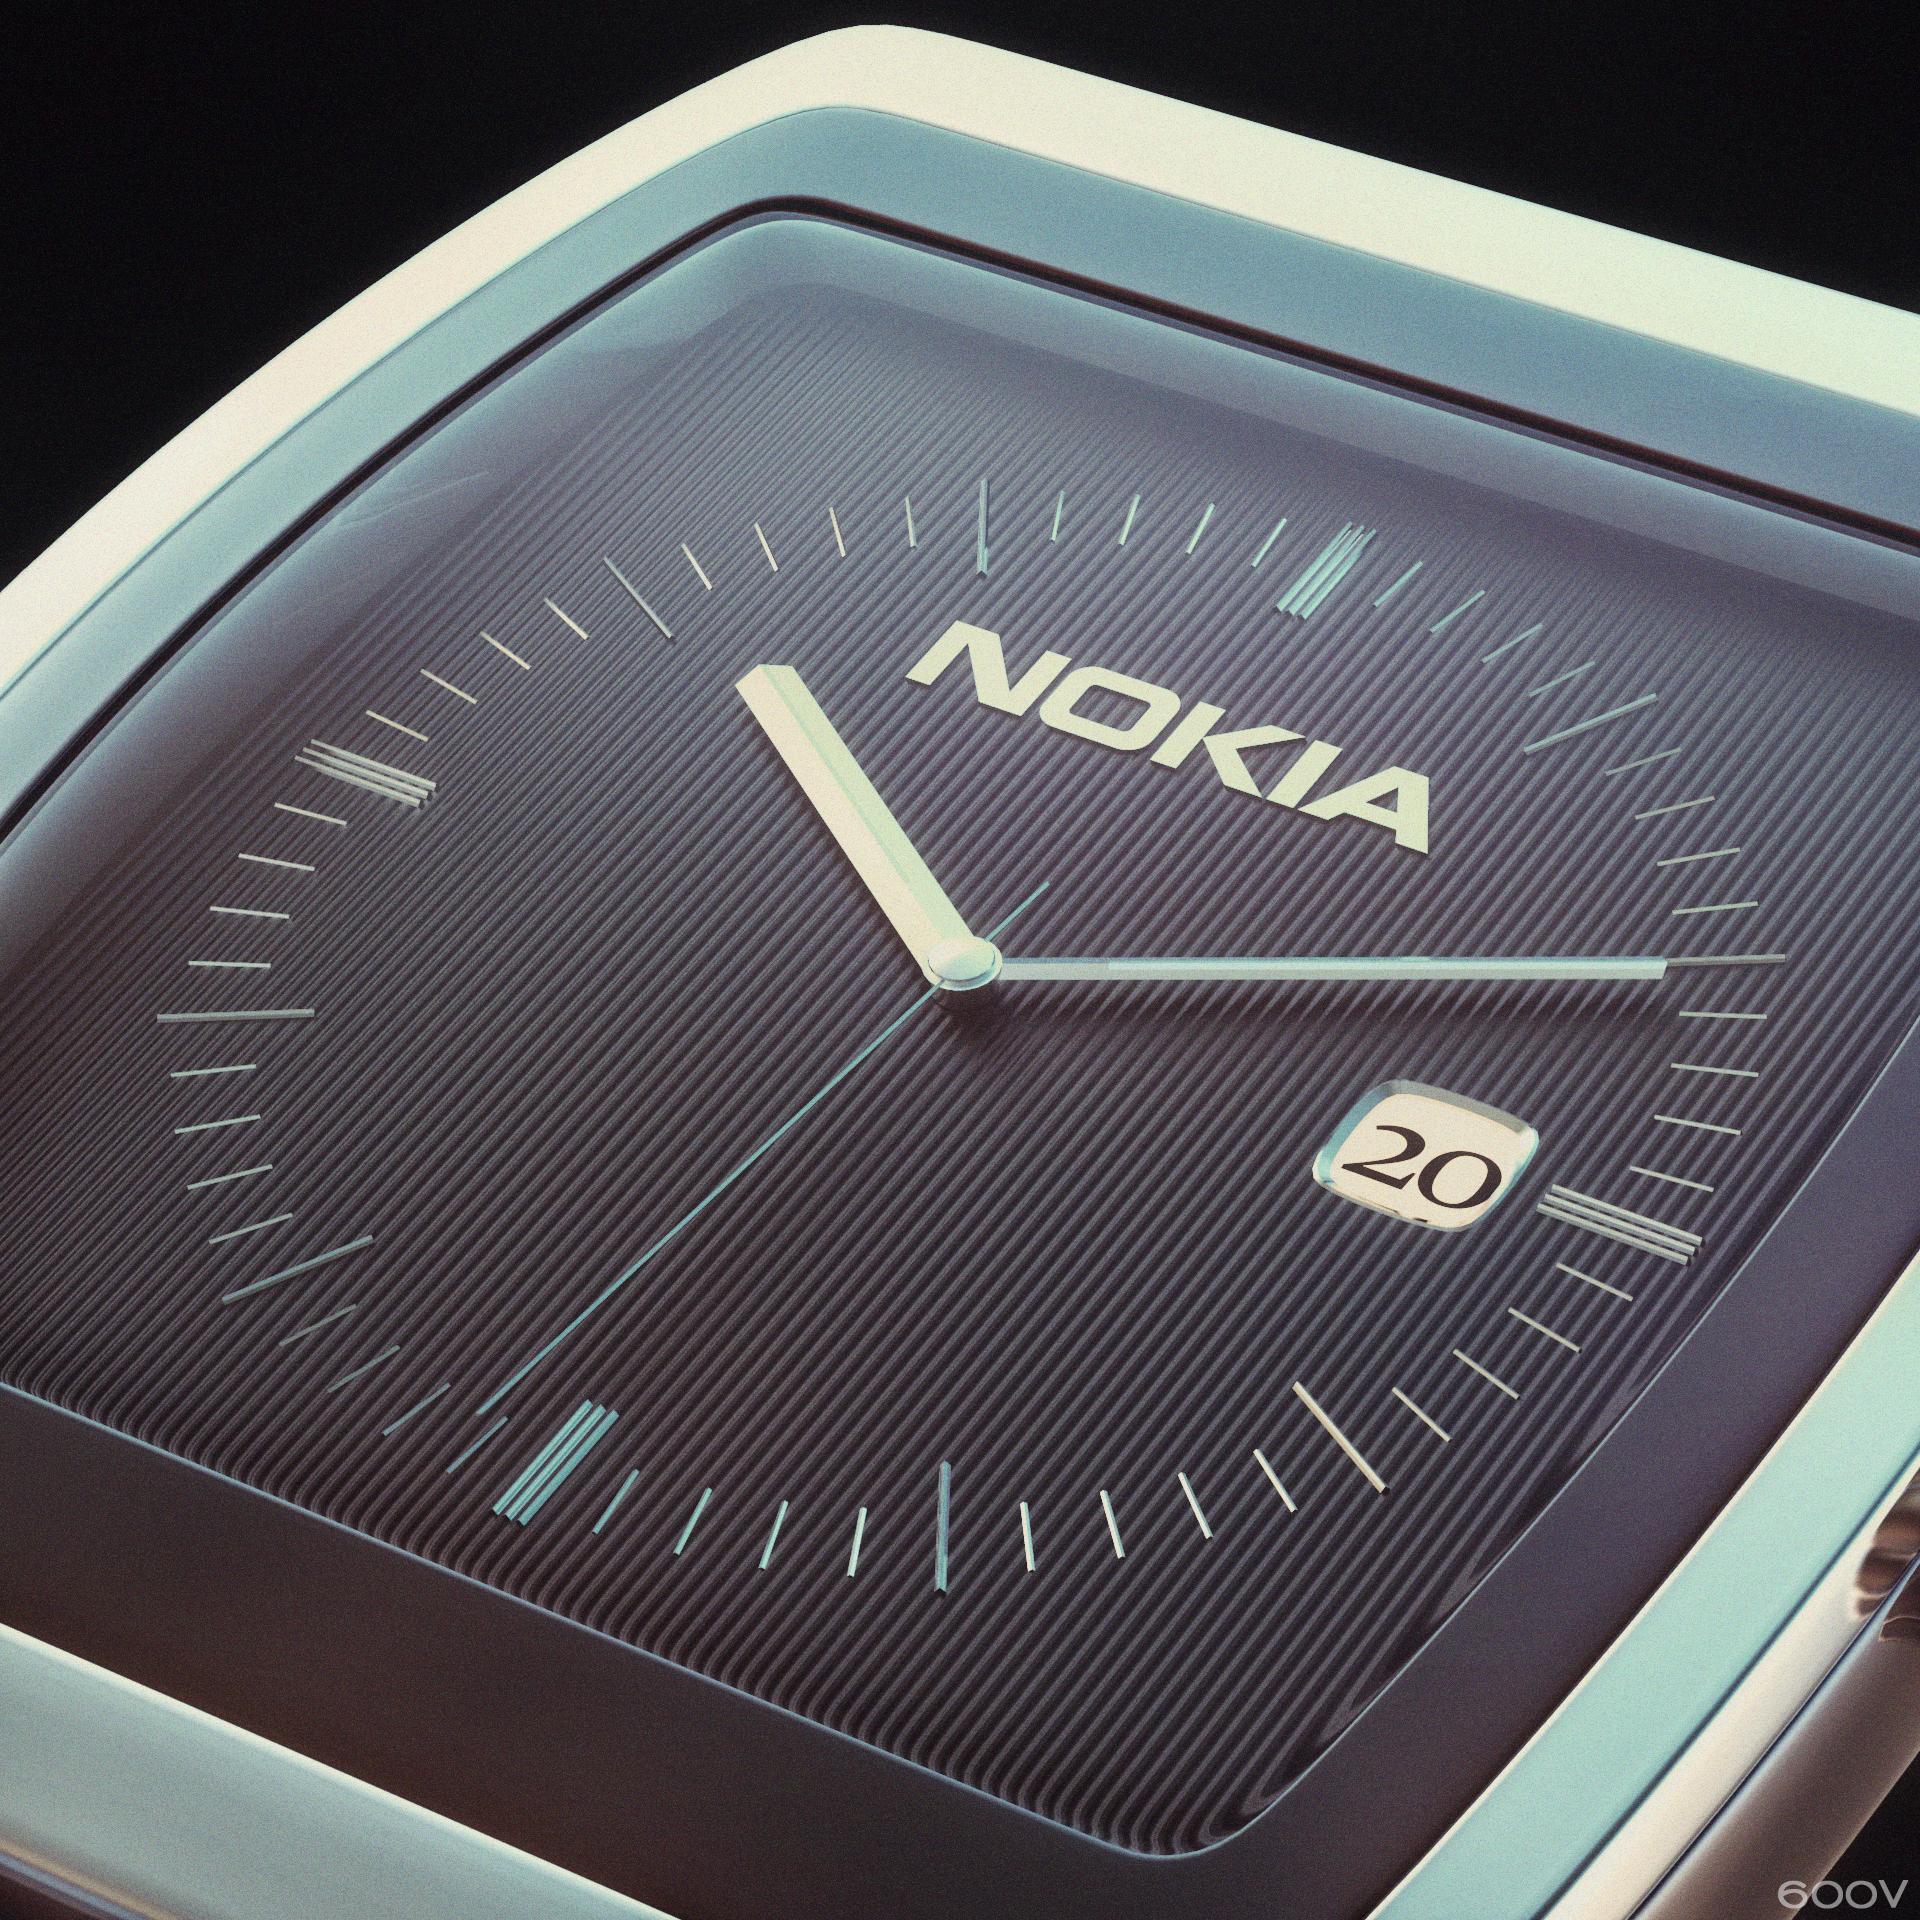 NOKIA wristwatch #2 by 600v